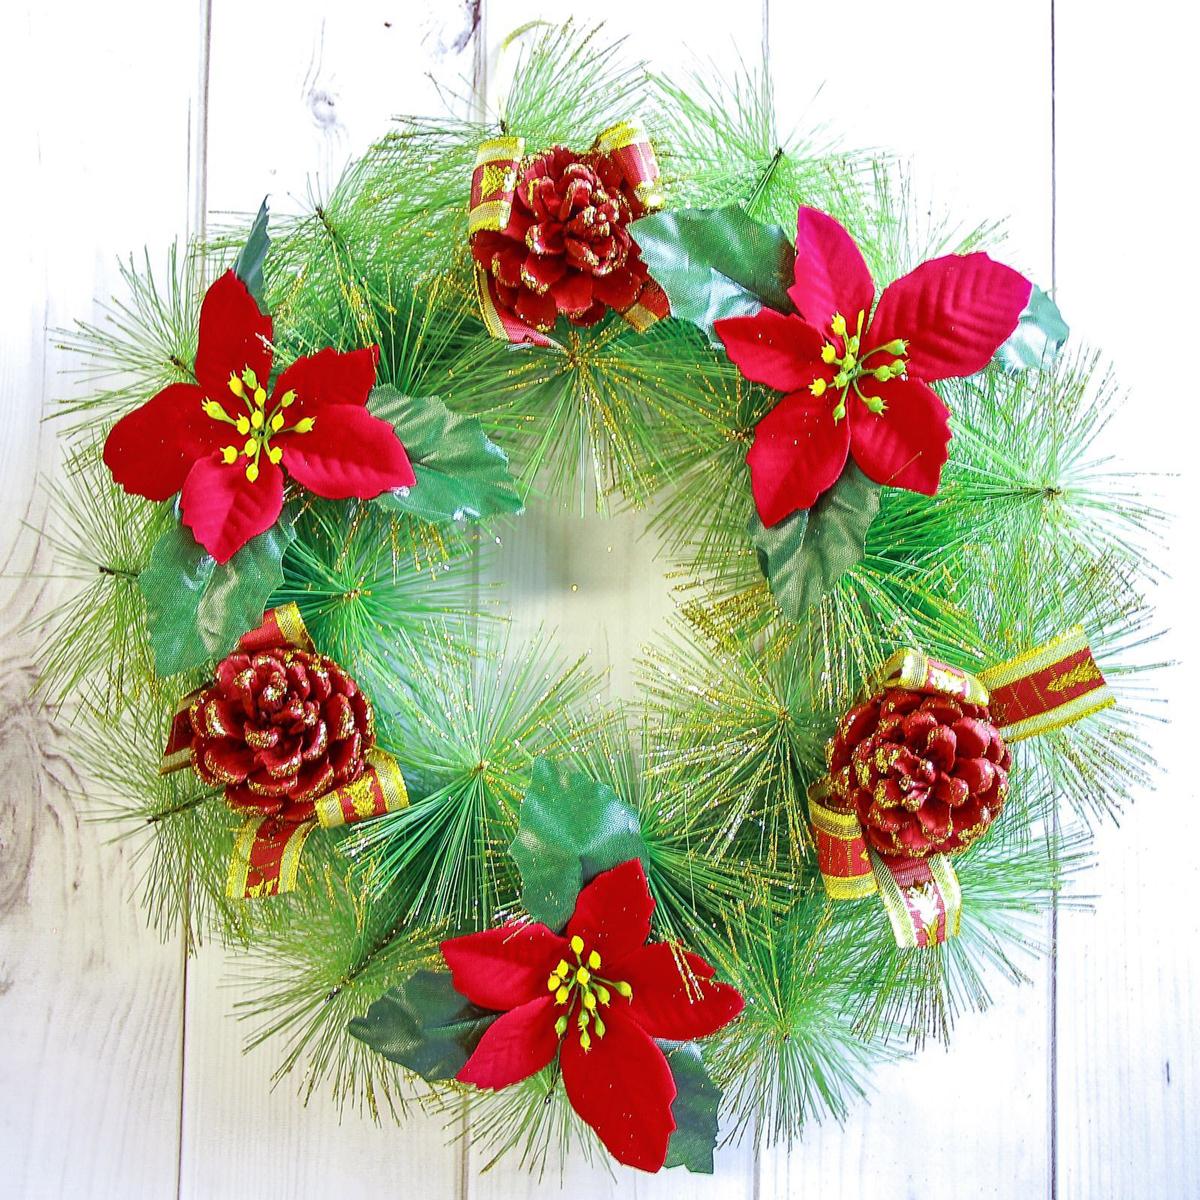 Венок новогодний Красные цветы, диаметр 28 см2377993Невозможно представить нашу жизнь без праздников! Мы всегда ждем их и предвкушаем, обдумываем, как проведем памятный день, тщательно выбираем подарки и аксессуары, ведь именно они создают и поддерживают торжественный настрой. Это отличный выбор, который привнесет атмосферу праздника в ваш дом!Диаметр венка: 28 см.